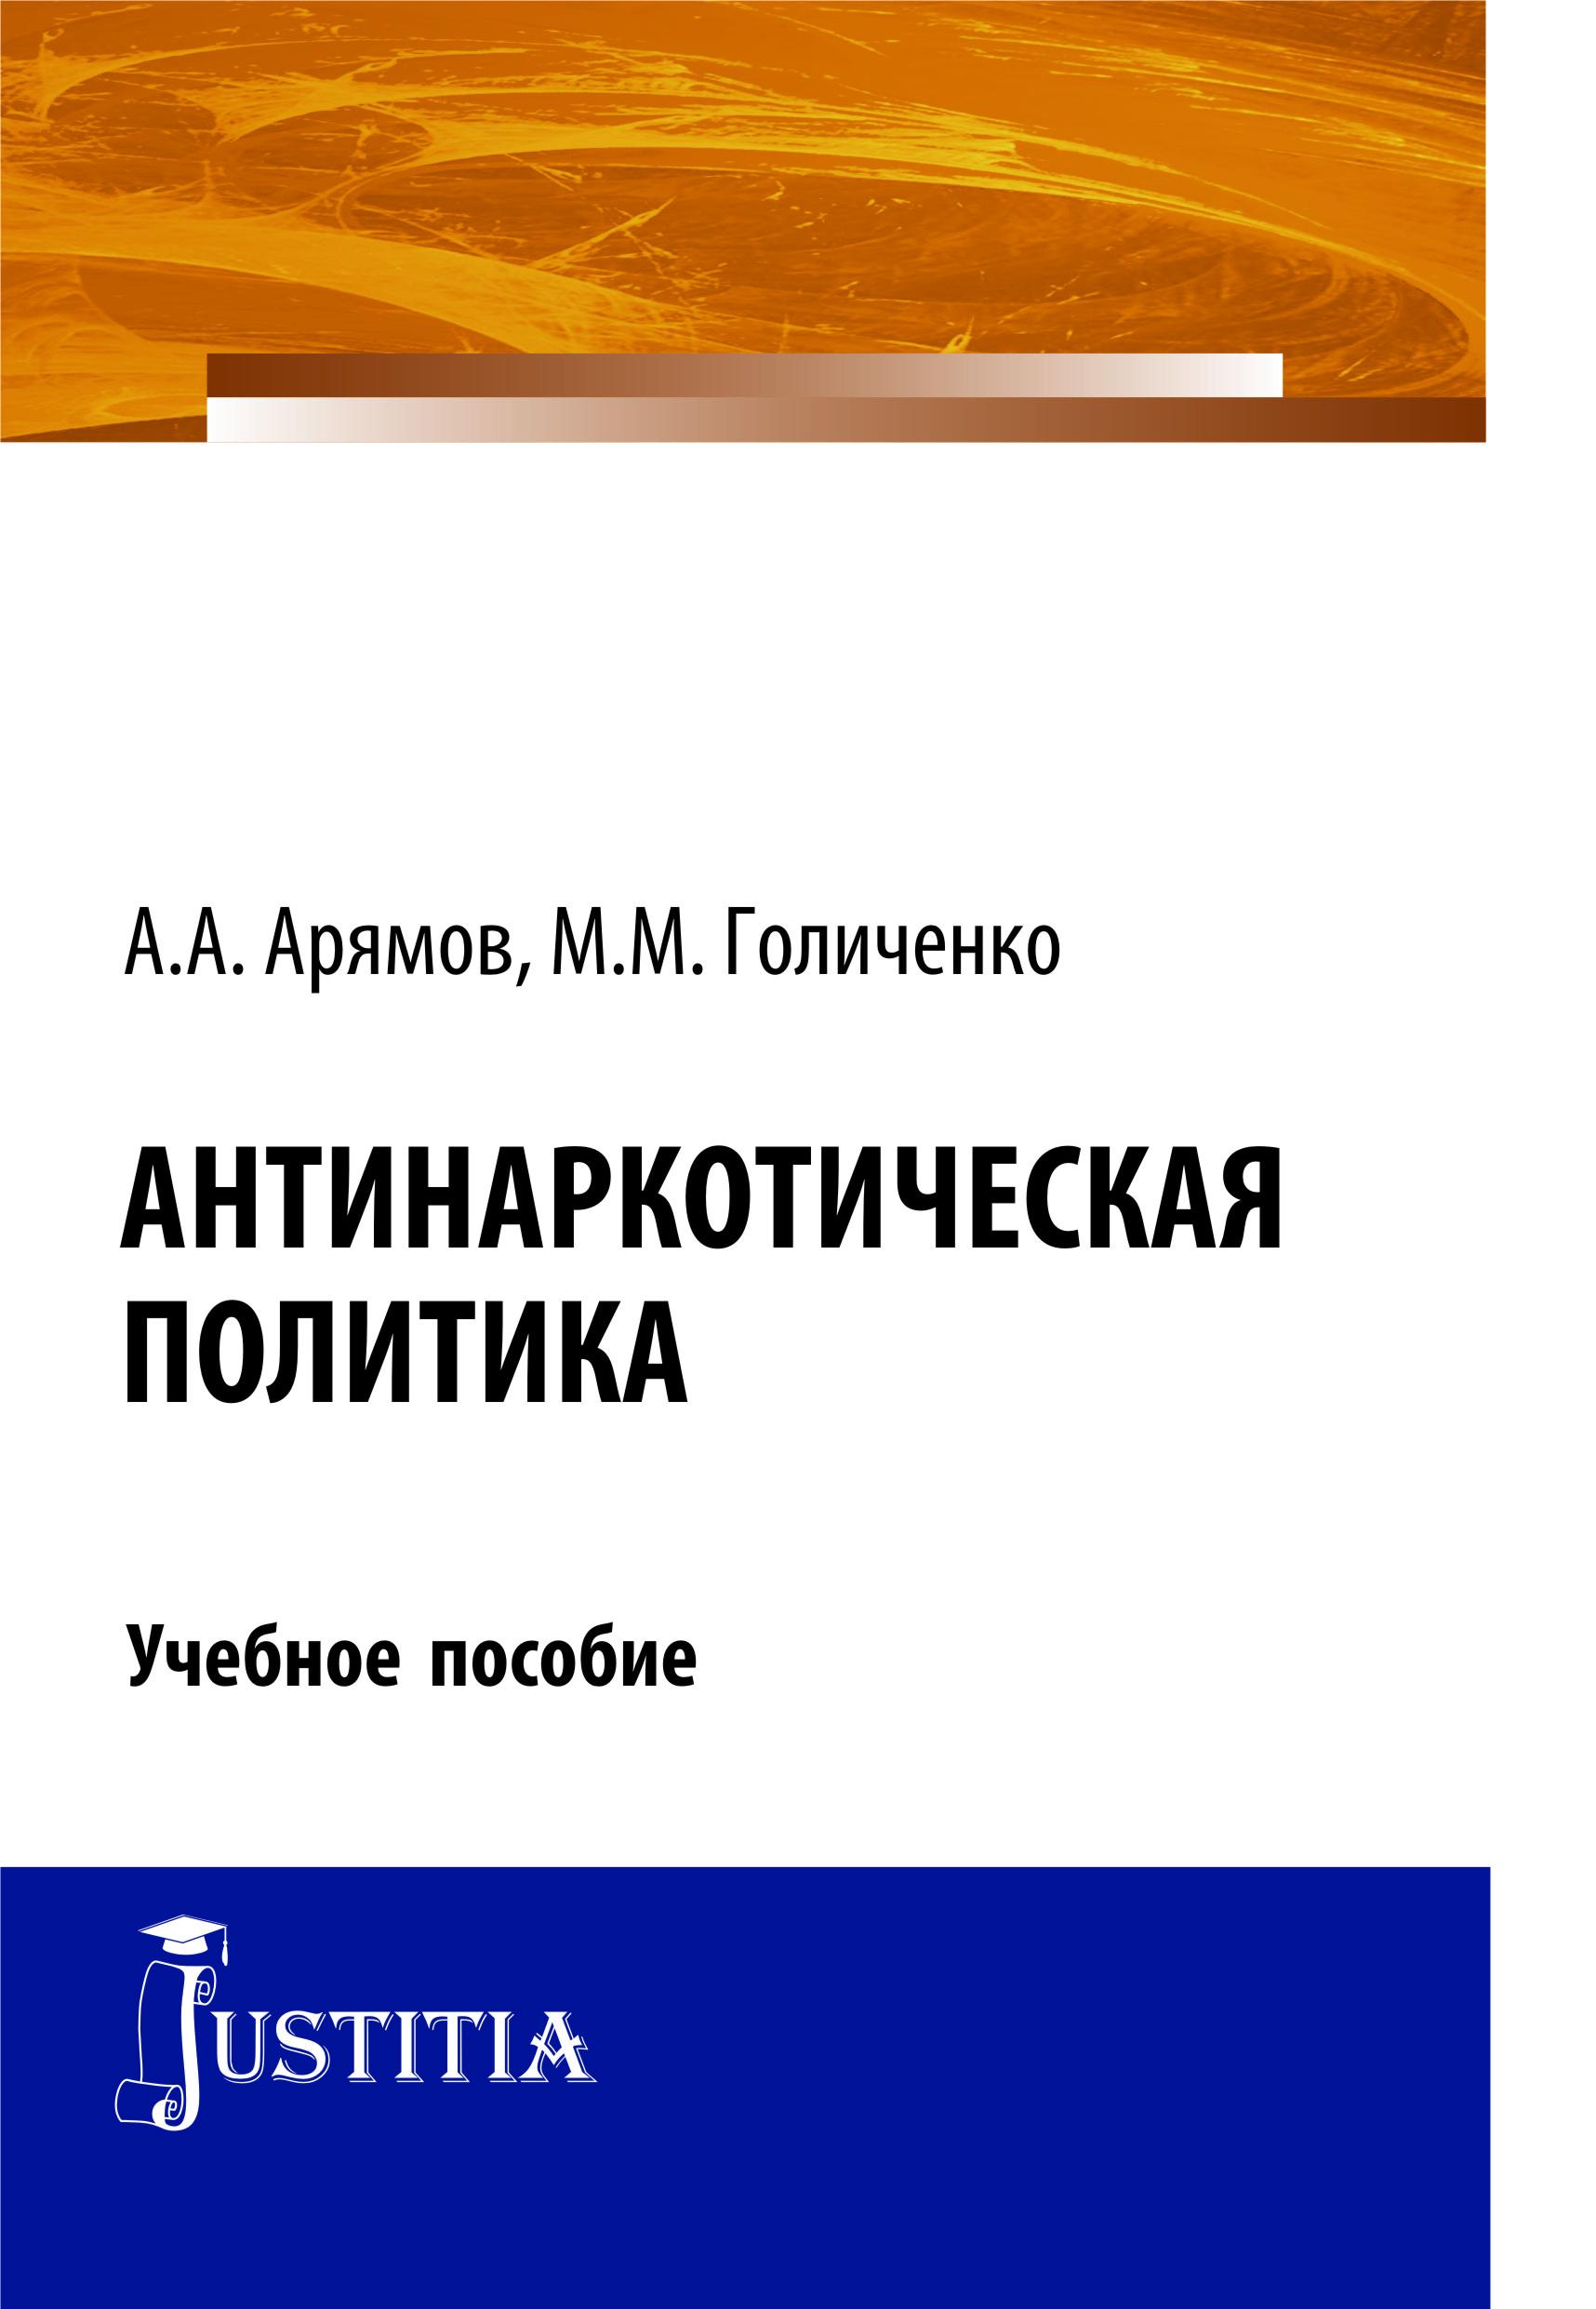 Антинаркотическая политика. Монография